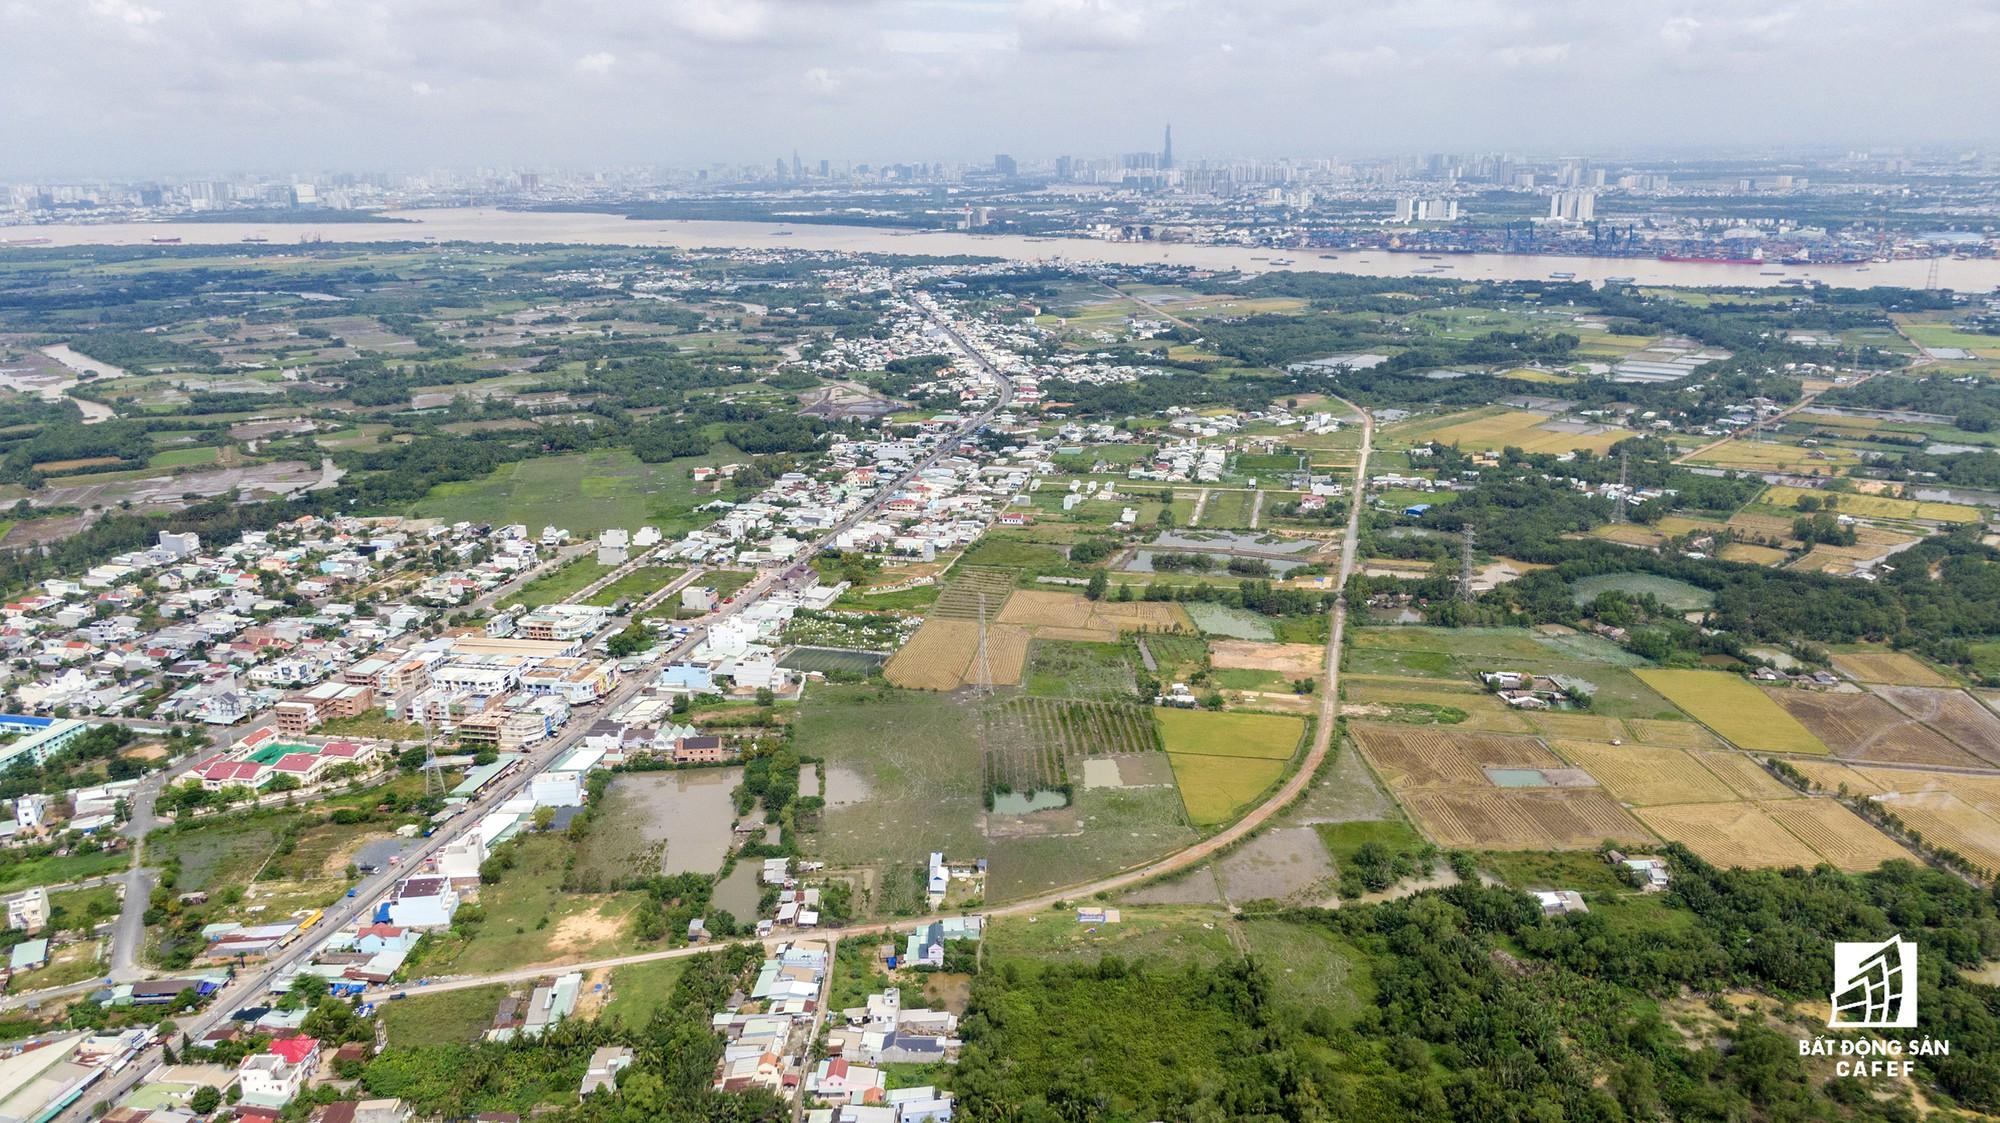 Đồng Nai chốt phương án xây cầu Cát Lái nối Nhơn Trạch và TP.HCM, bức tranh thị trường bất động sản thay đổi chóng mặt - Ảnh 24.